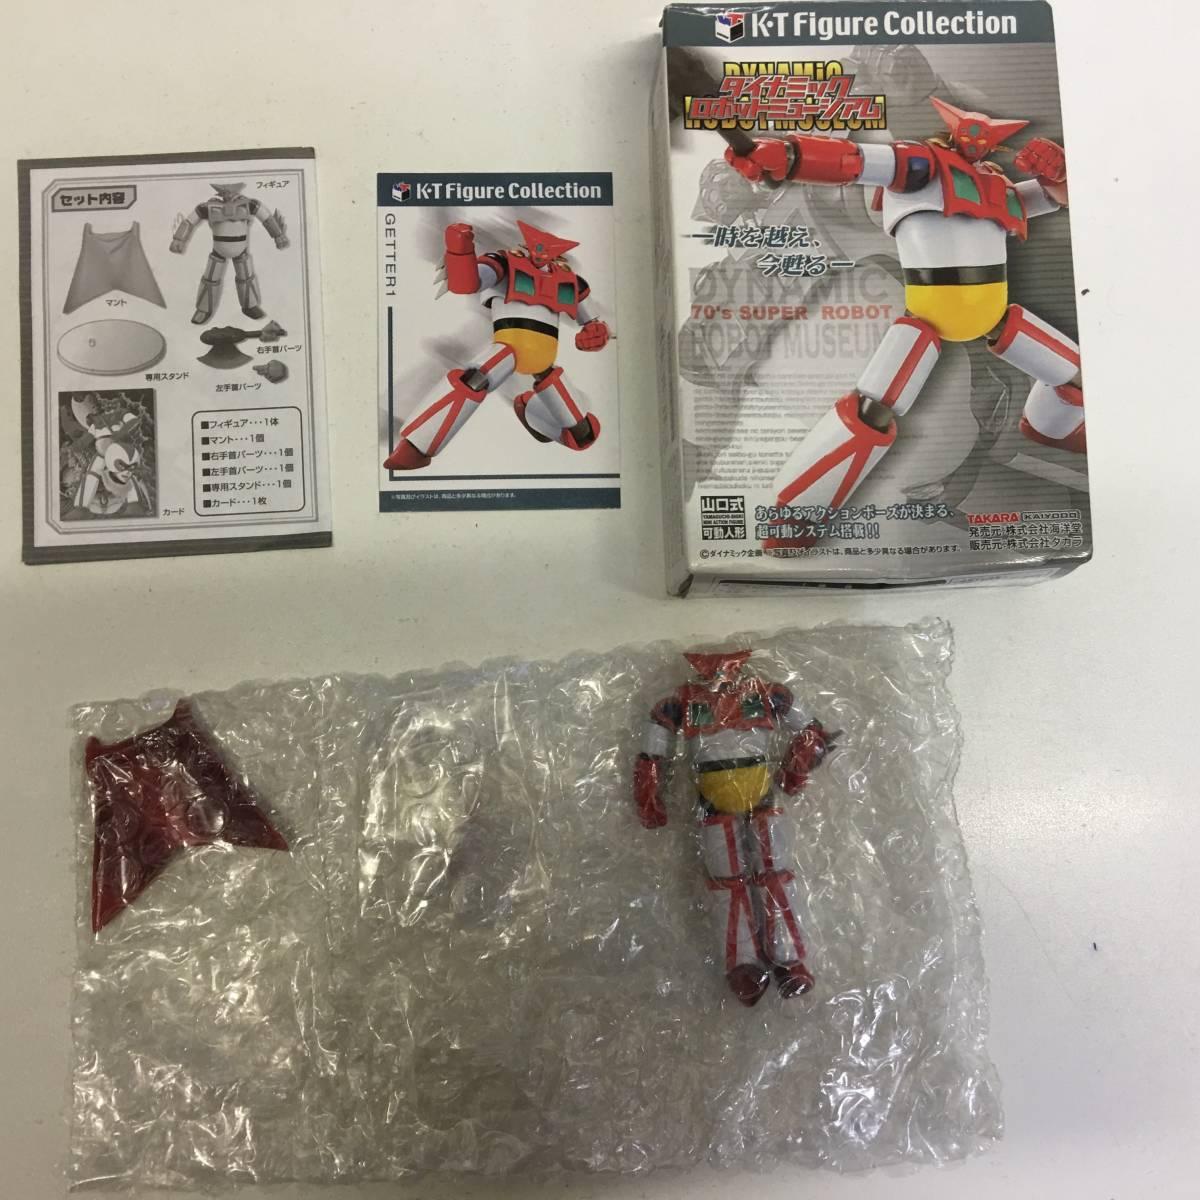 即決 未使用品 タカラ K・Tフィギュアコレクション ダイナミックロボットミュージアム 真ゲッター1 レターパック可能_画像1